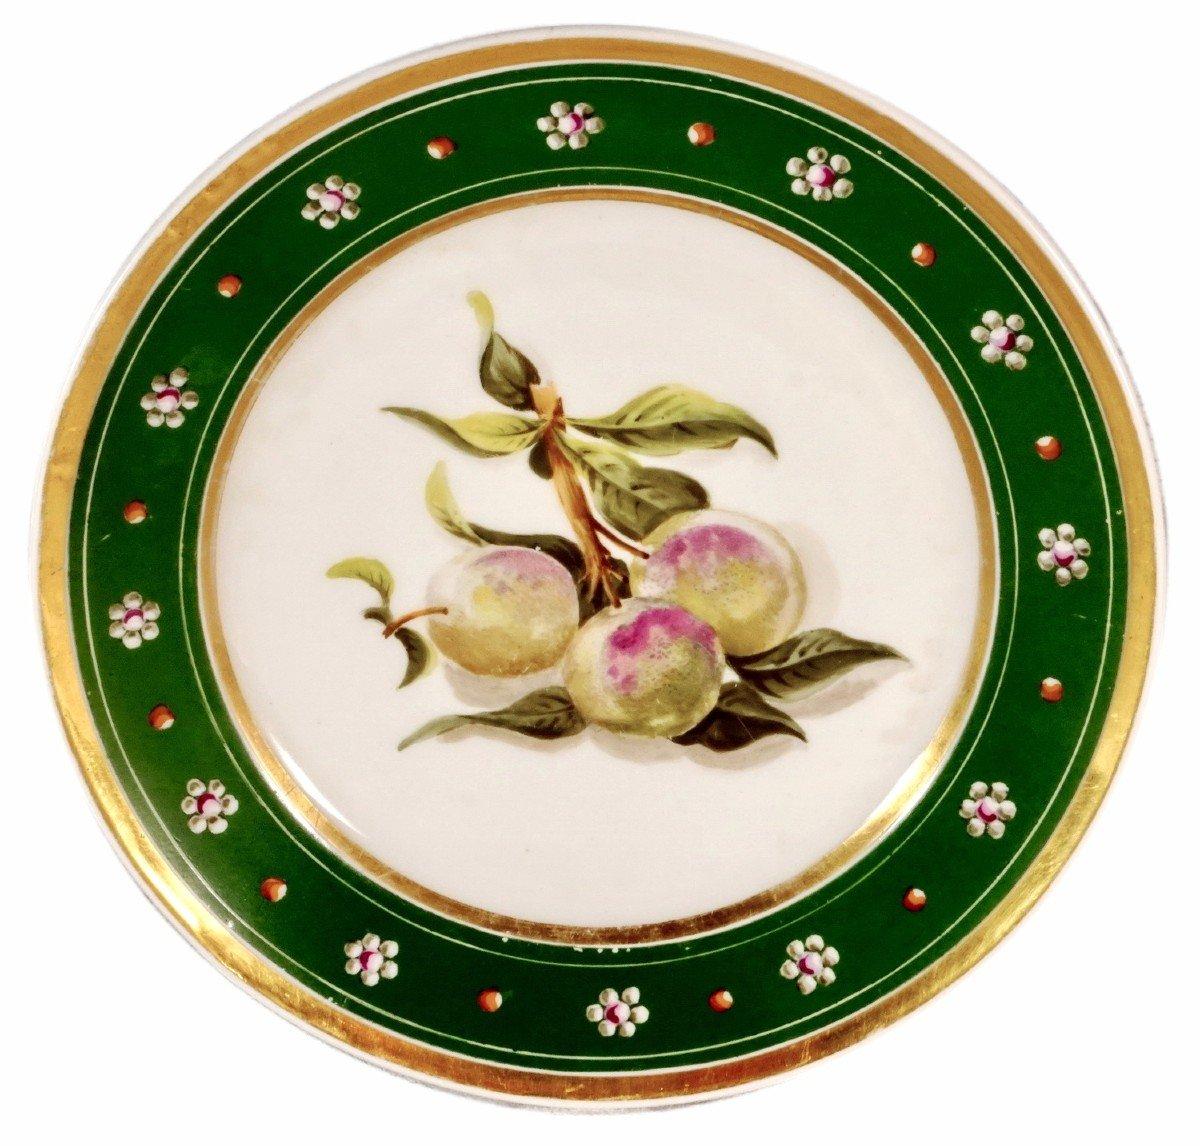 Assiette à Décor De Fruits En Porcelaine De Paris - Ep. Restauration (circa 1830)